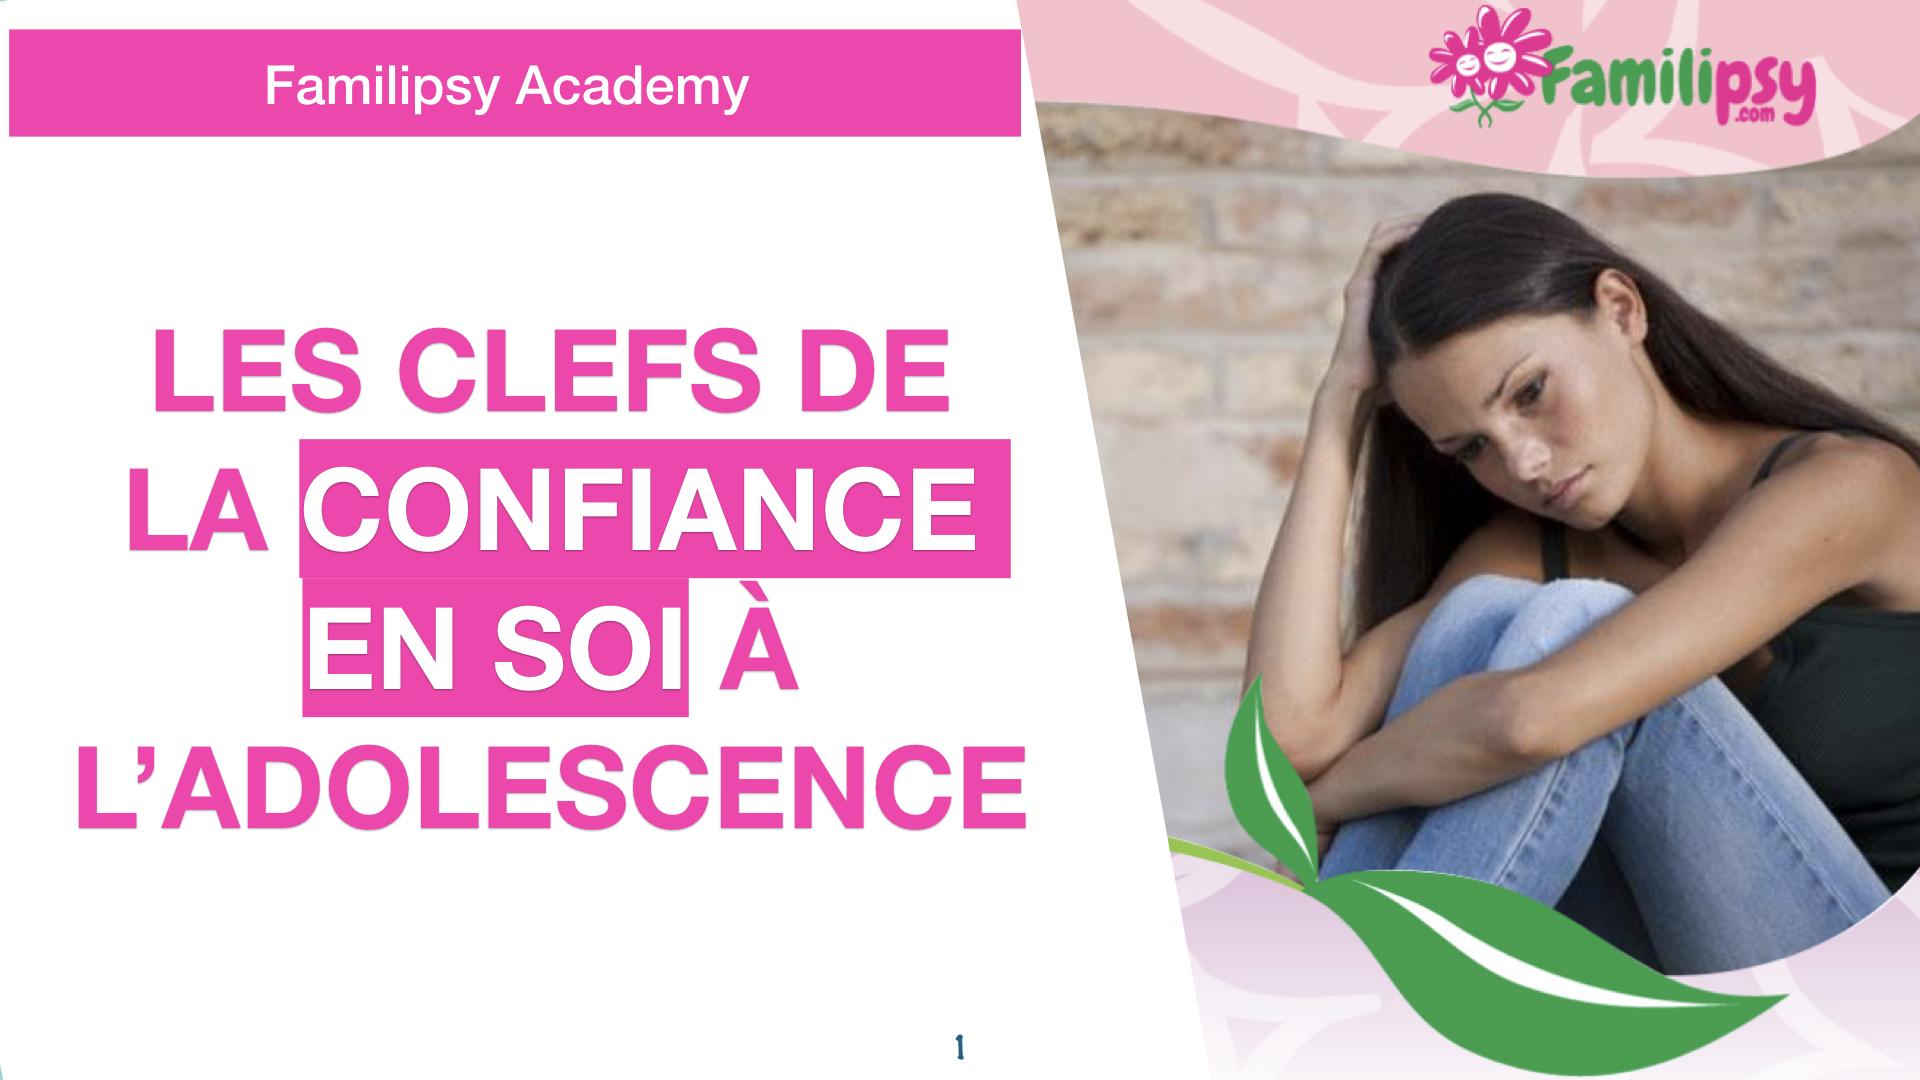 Les clefs de la confiance en soi à l'adolescence - WEBCONFÉRENCE (REPLAY 55 MIN)